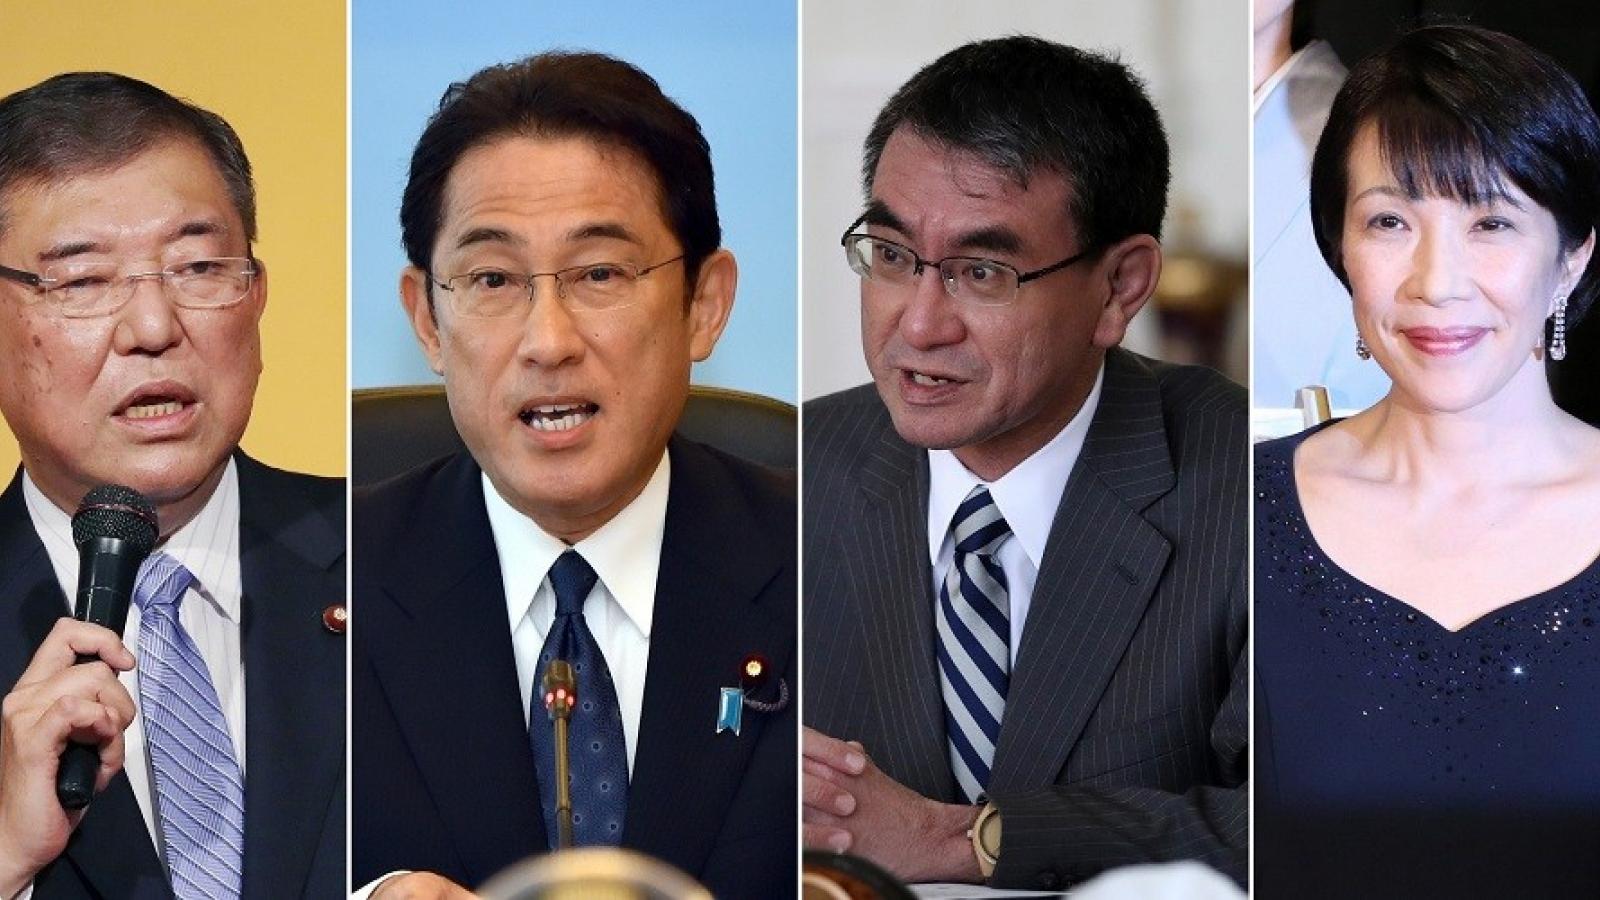 Thăm dò bầu cử LDP: Ông Kono và Kishida chiếm ưu thế